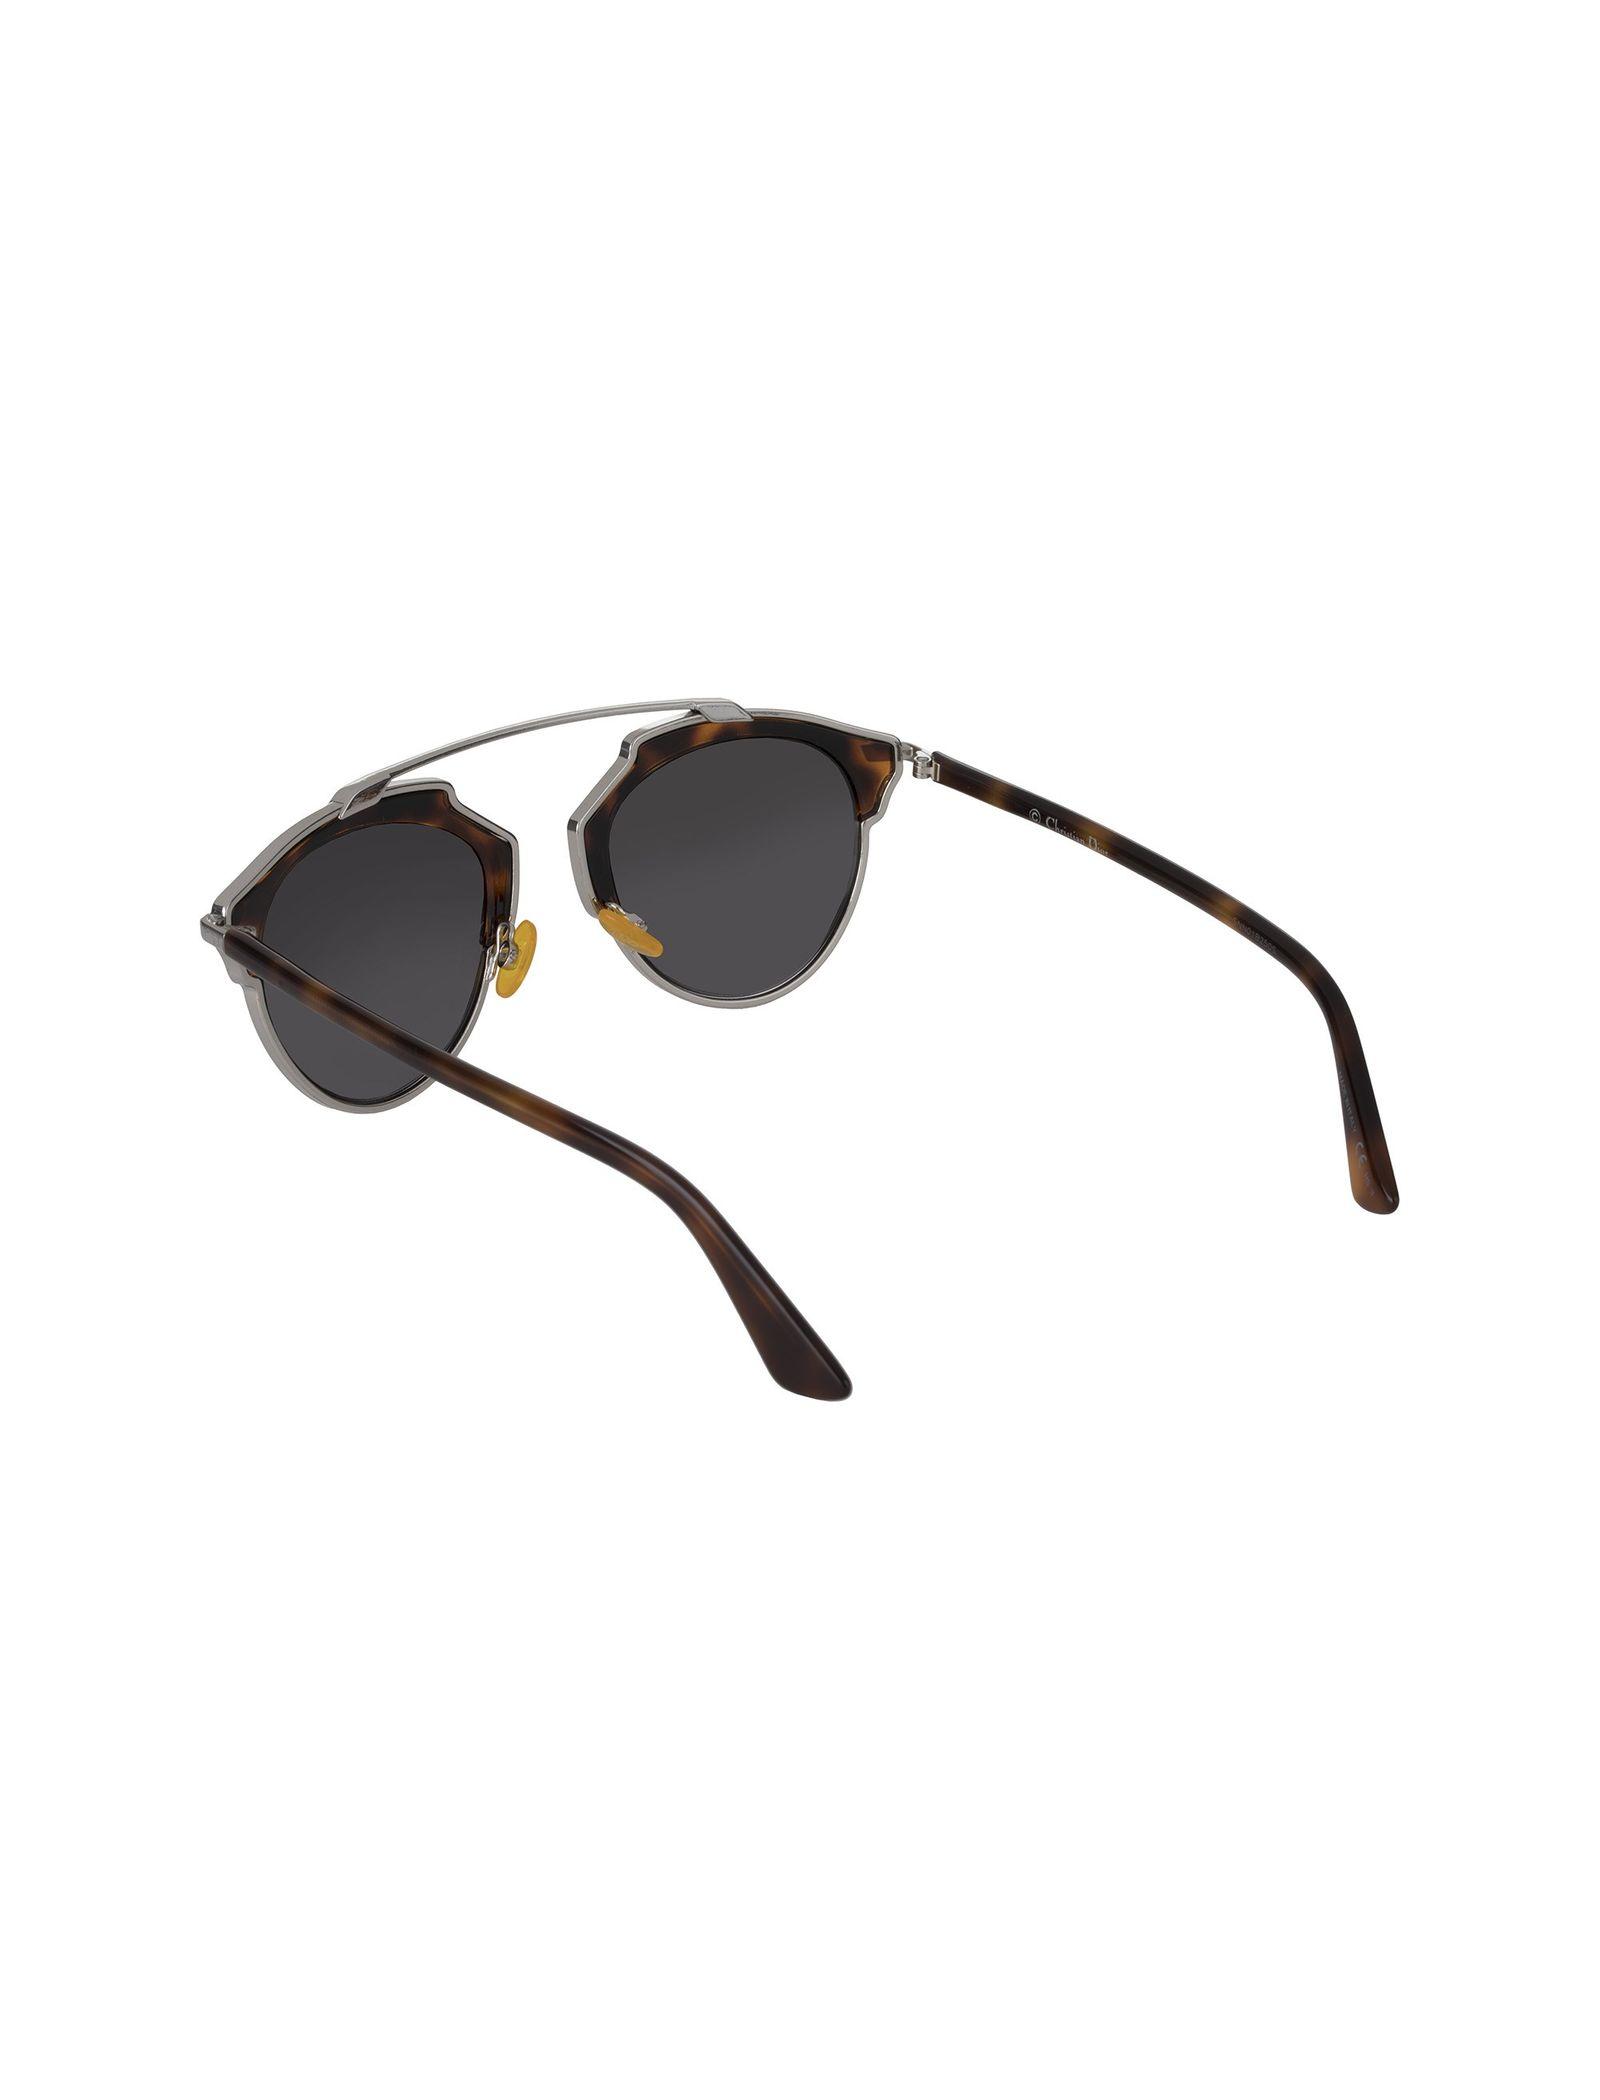 عینک آفتابی پنتوس زنانه - دیور - قهوه اي  - 4